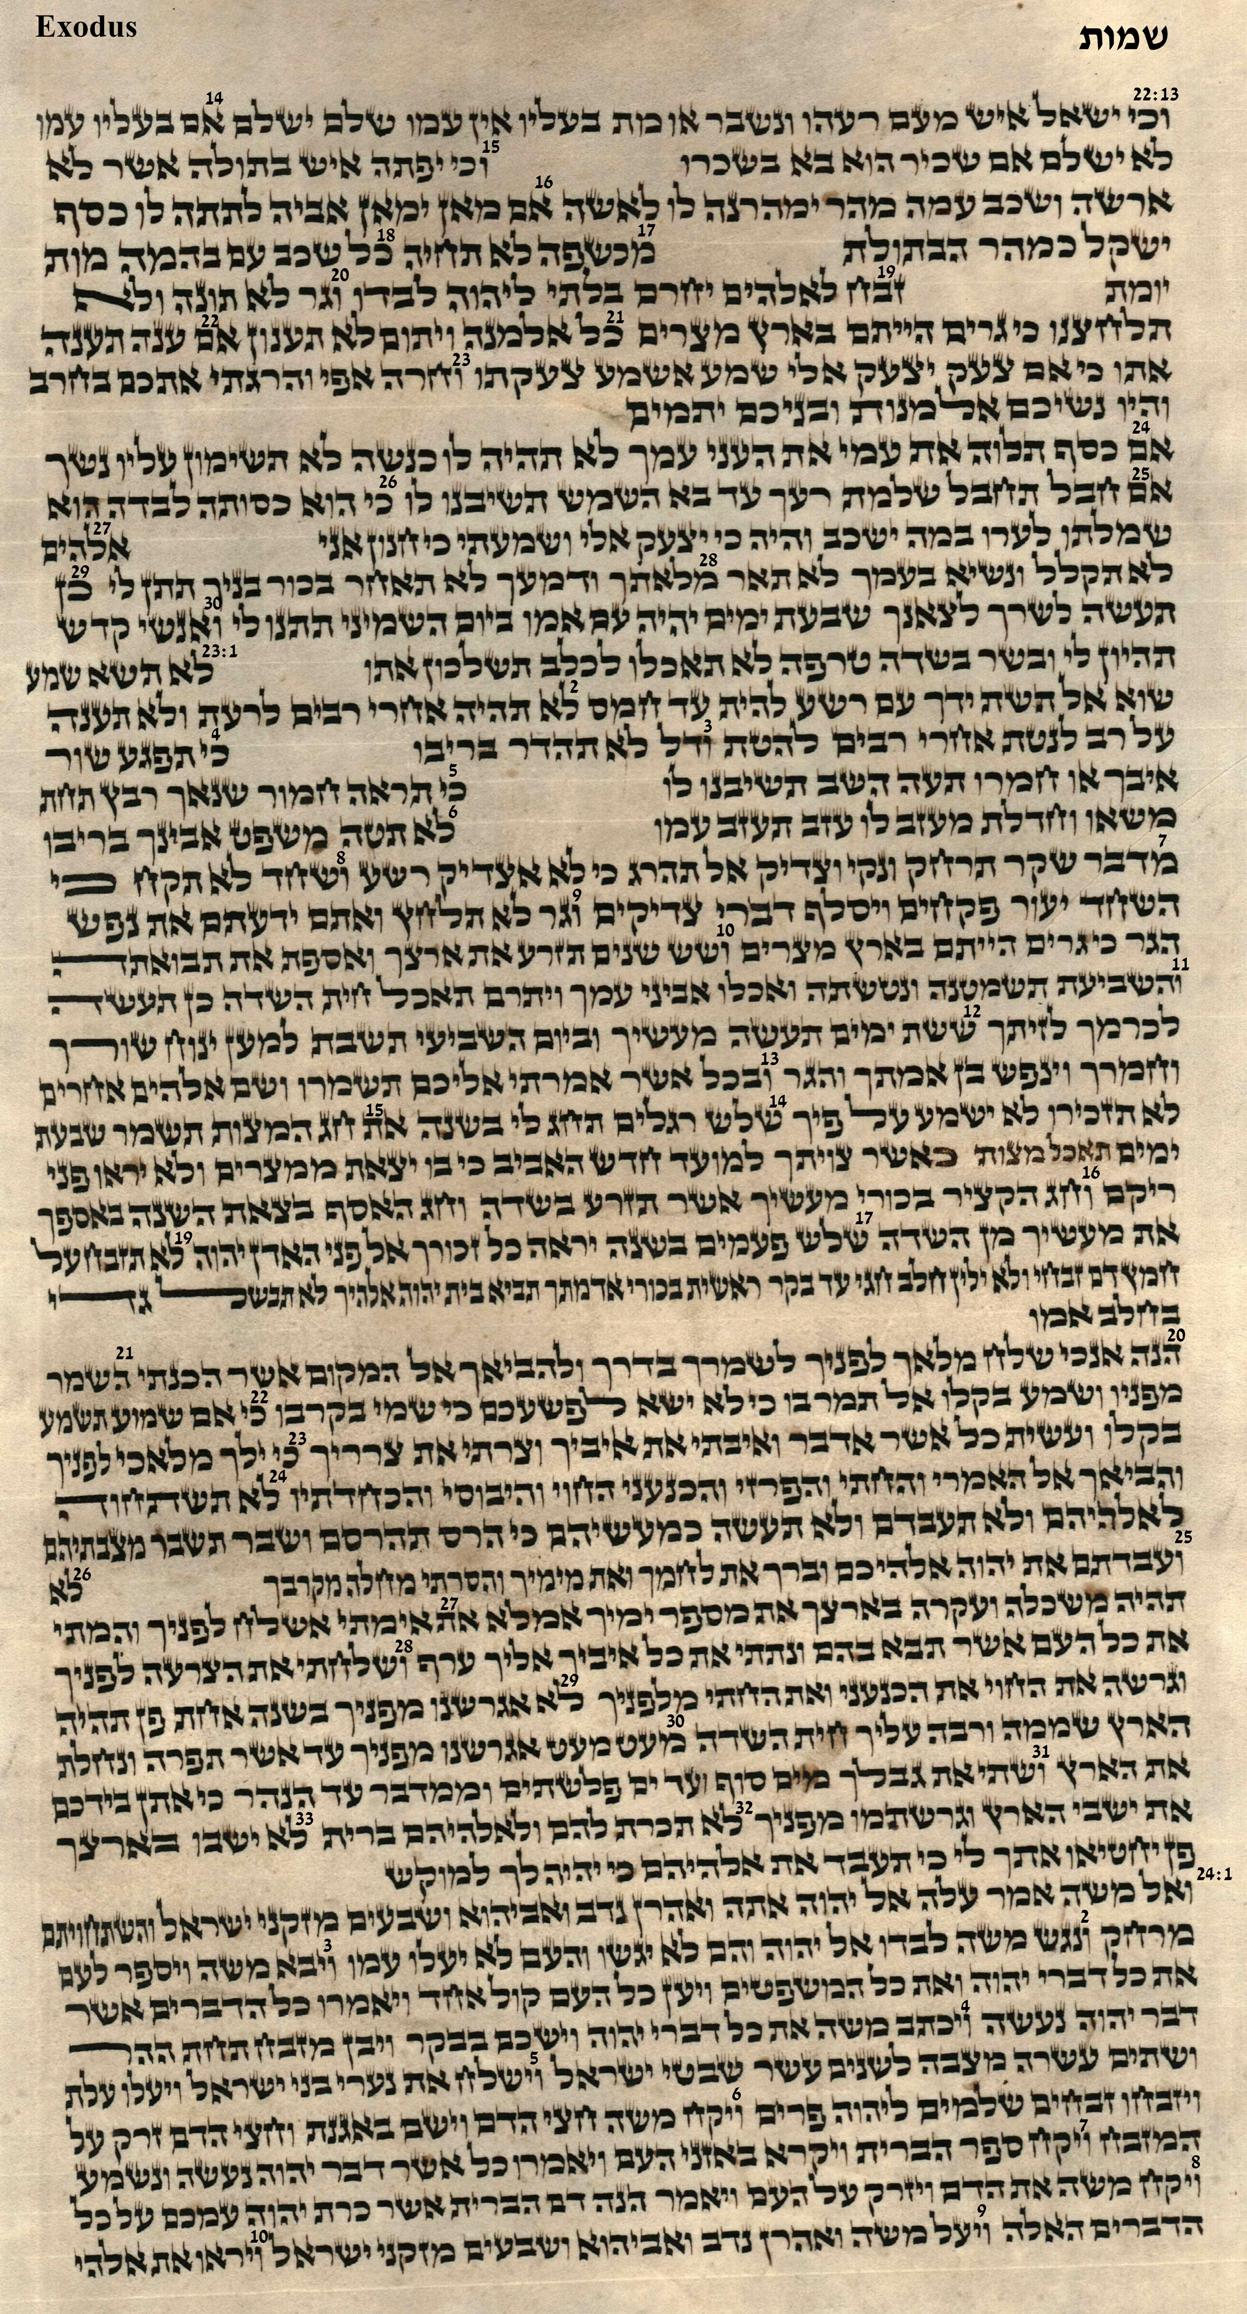 Exodus 22.13 - 24.10